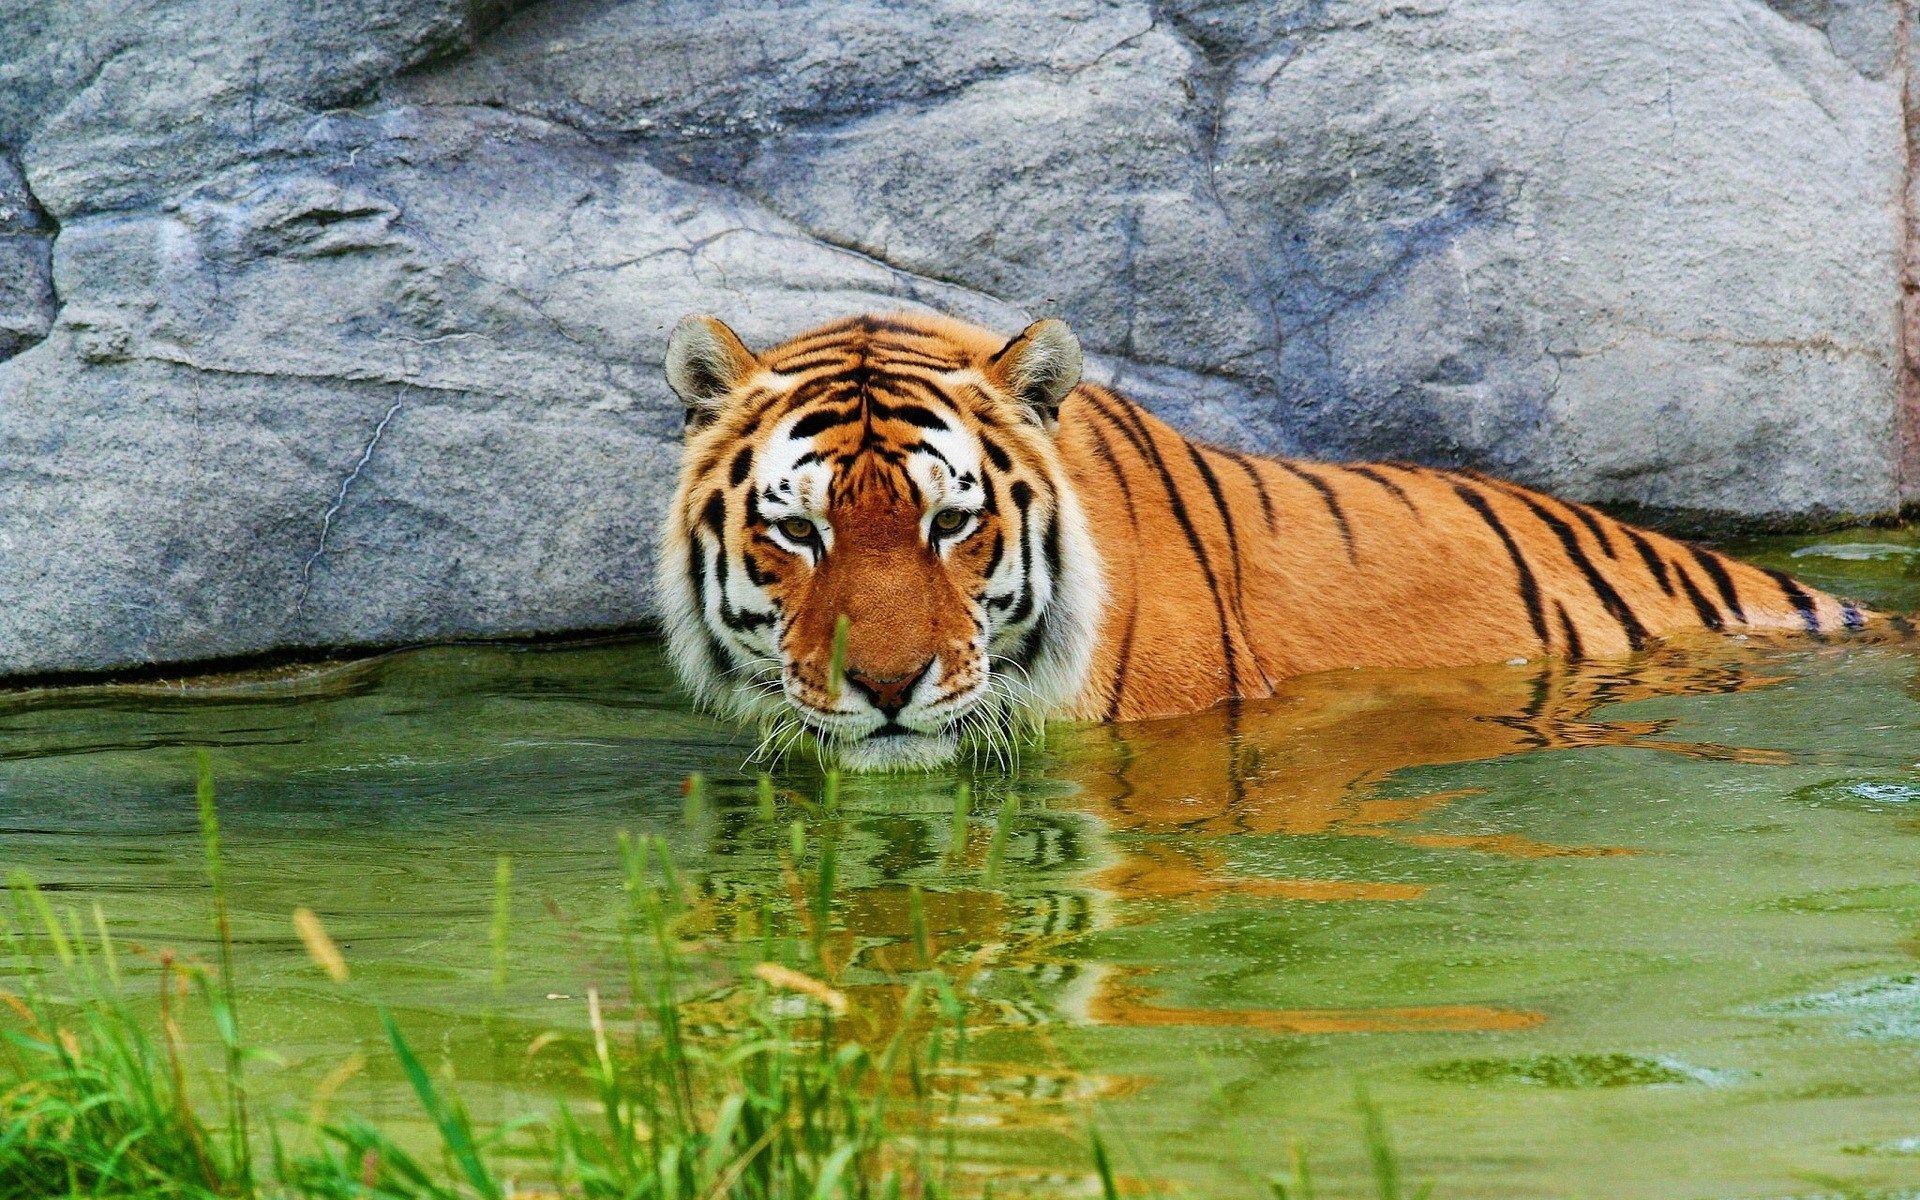 backgrounds high resolution: tiger backround, 761 kb - landon